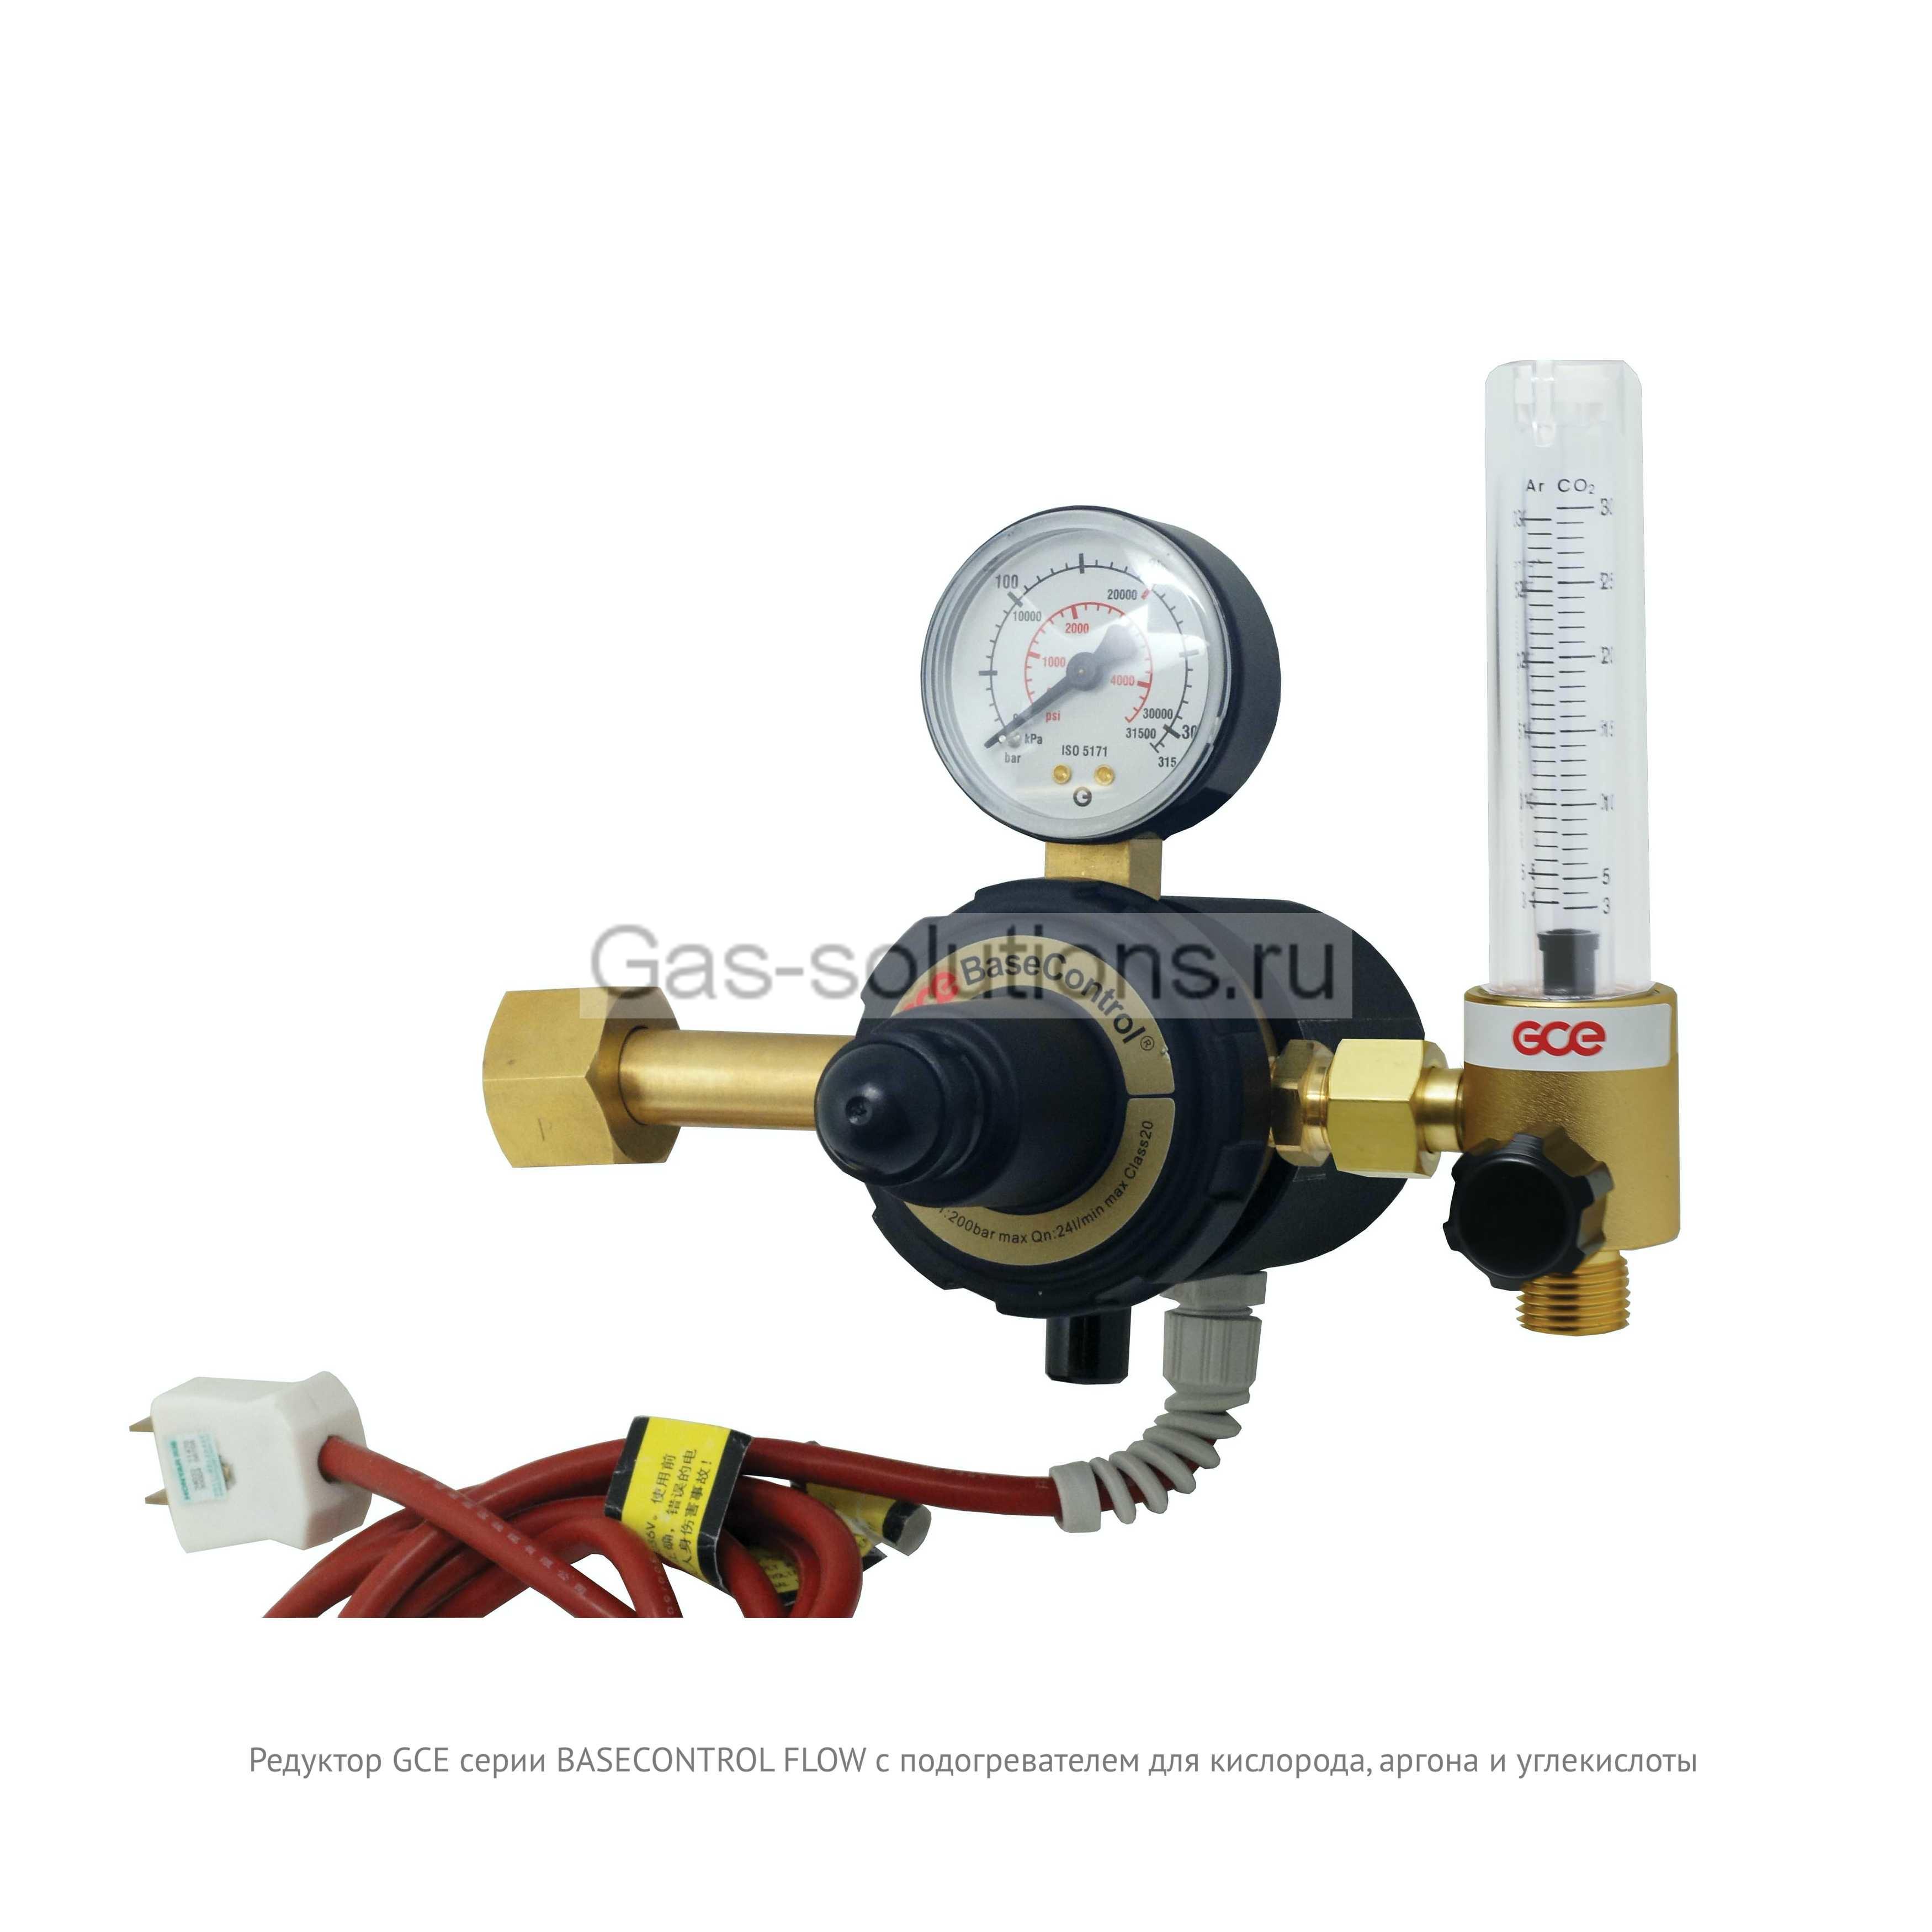 Редуктор GCE серии BASECONTROL FLOW с подогревателем для кислорода, аргона и углекислоты